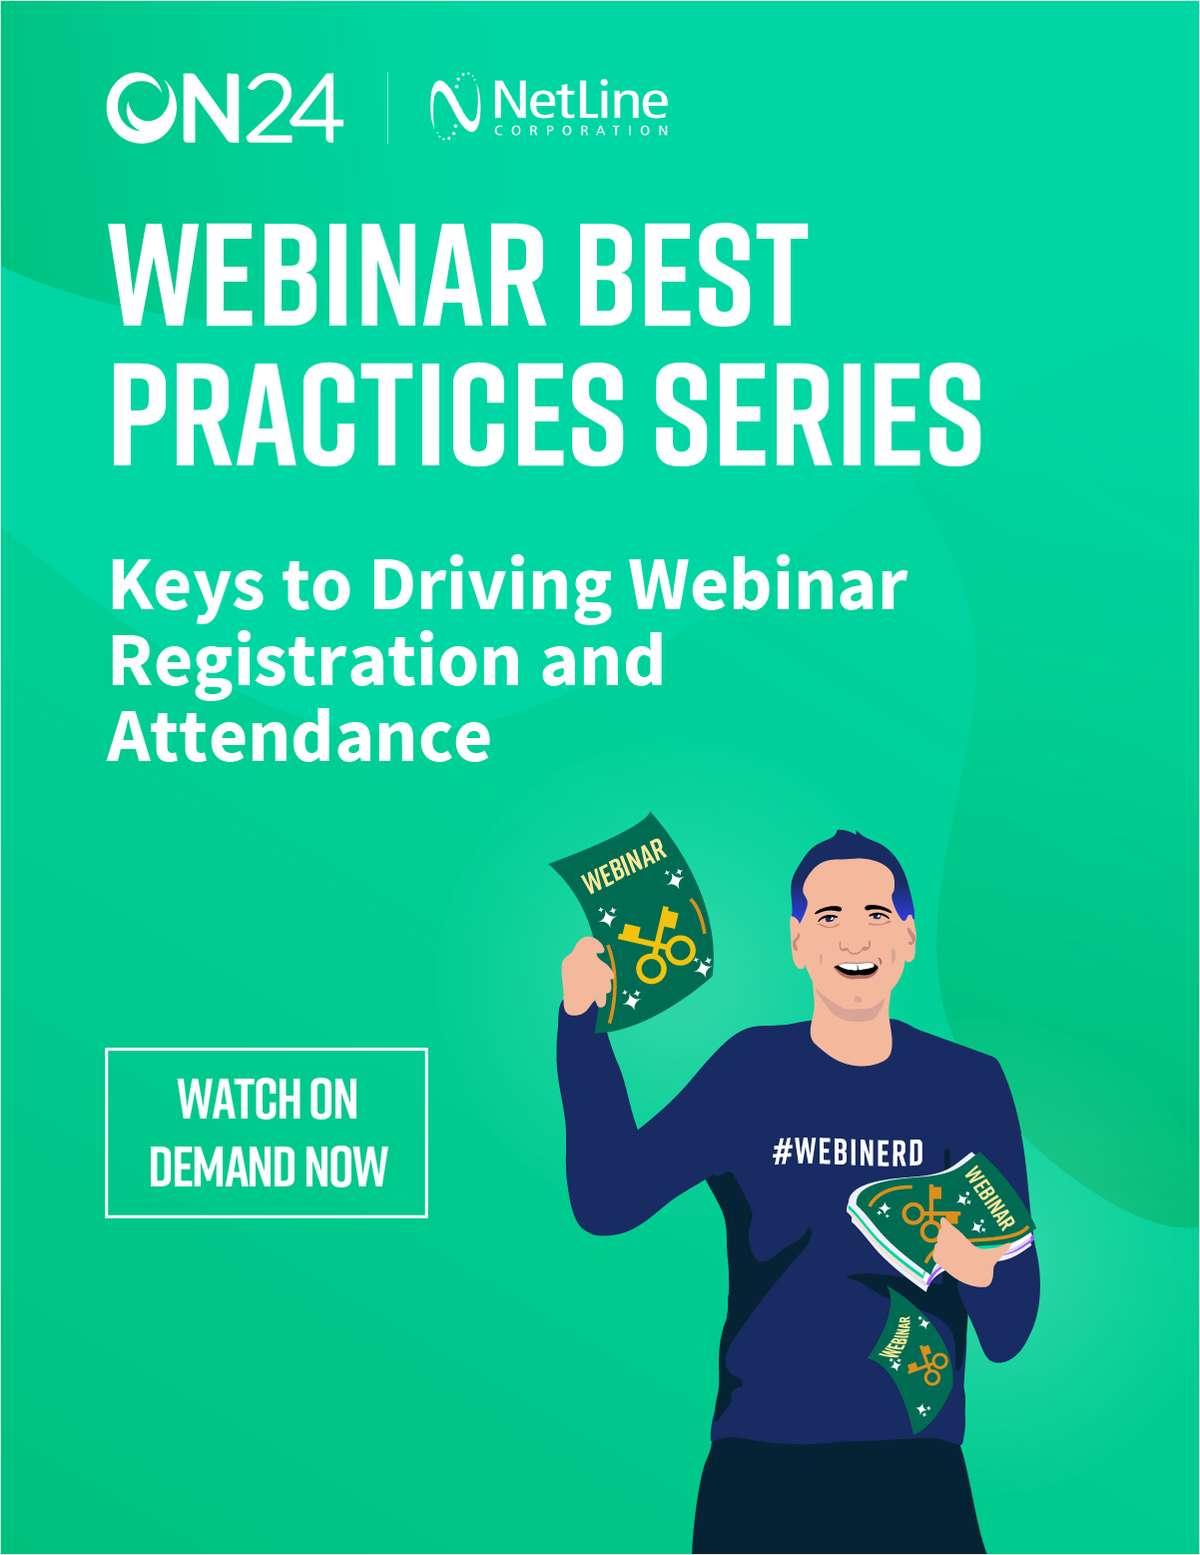 Webinar Best Practices Series: Keys to Driving Webinar Registration